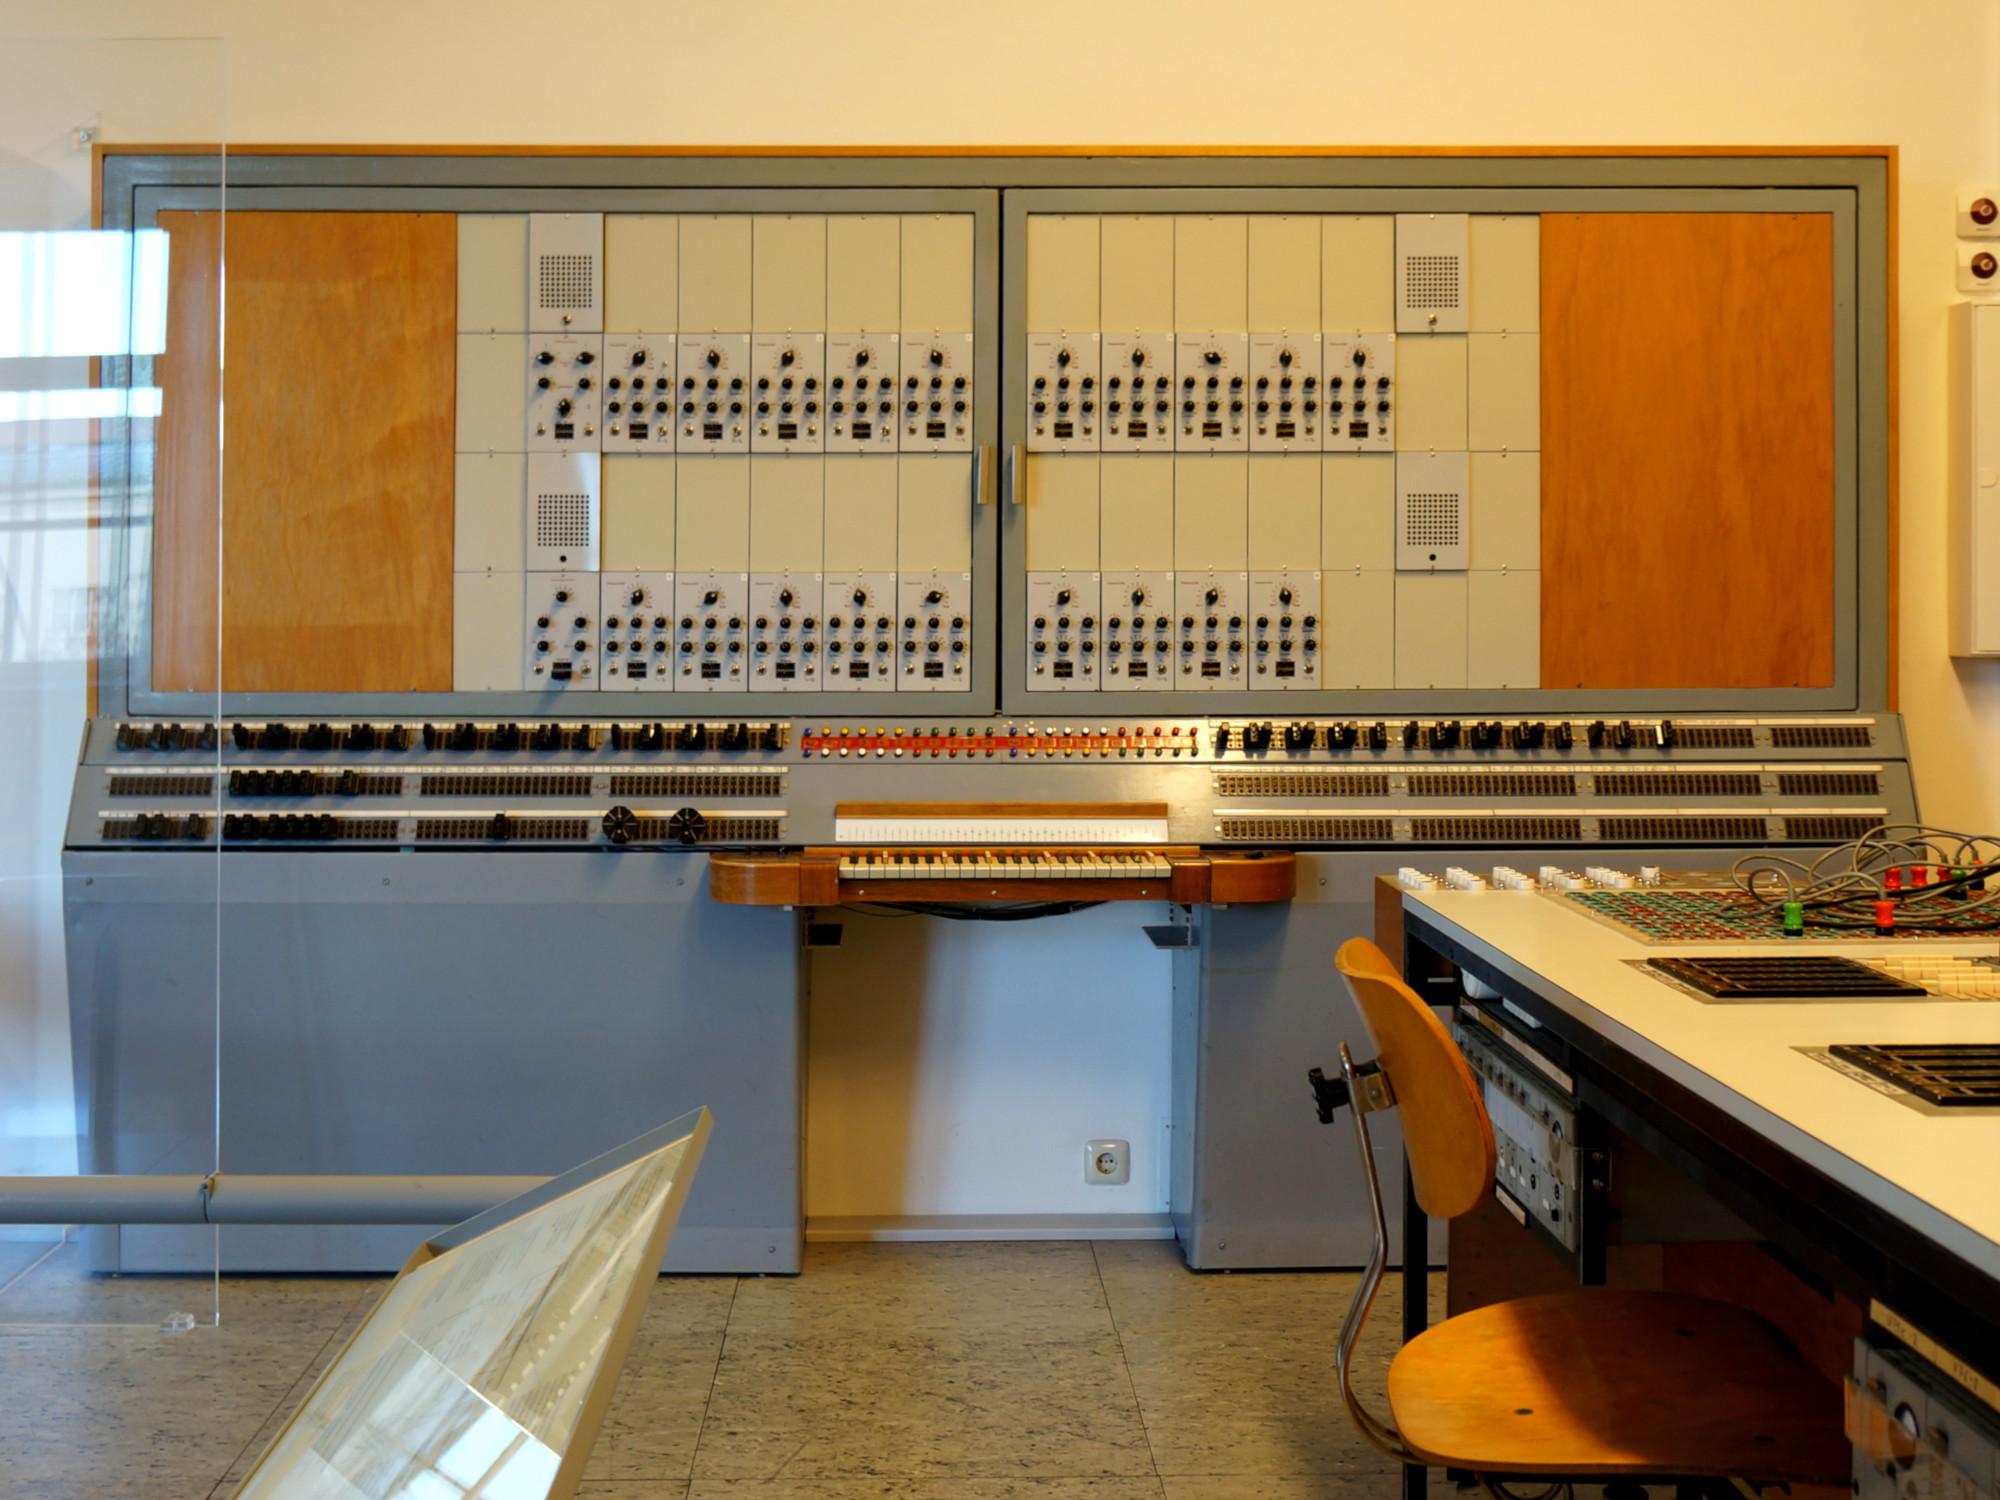 circuitpython_siemens-synthesizer-deutsches-museum-2000.jpg